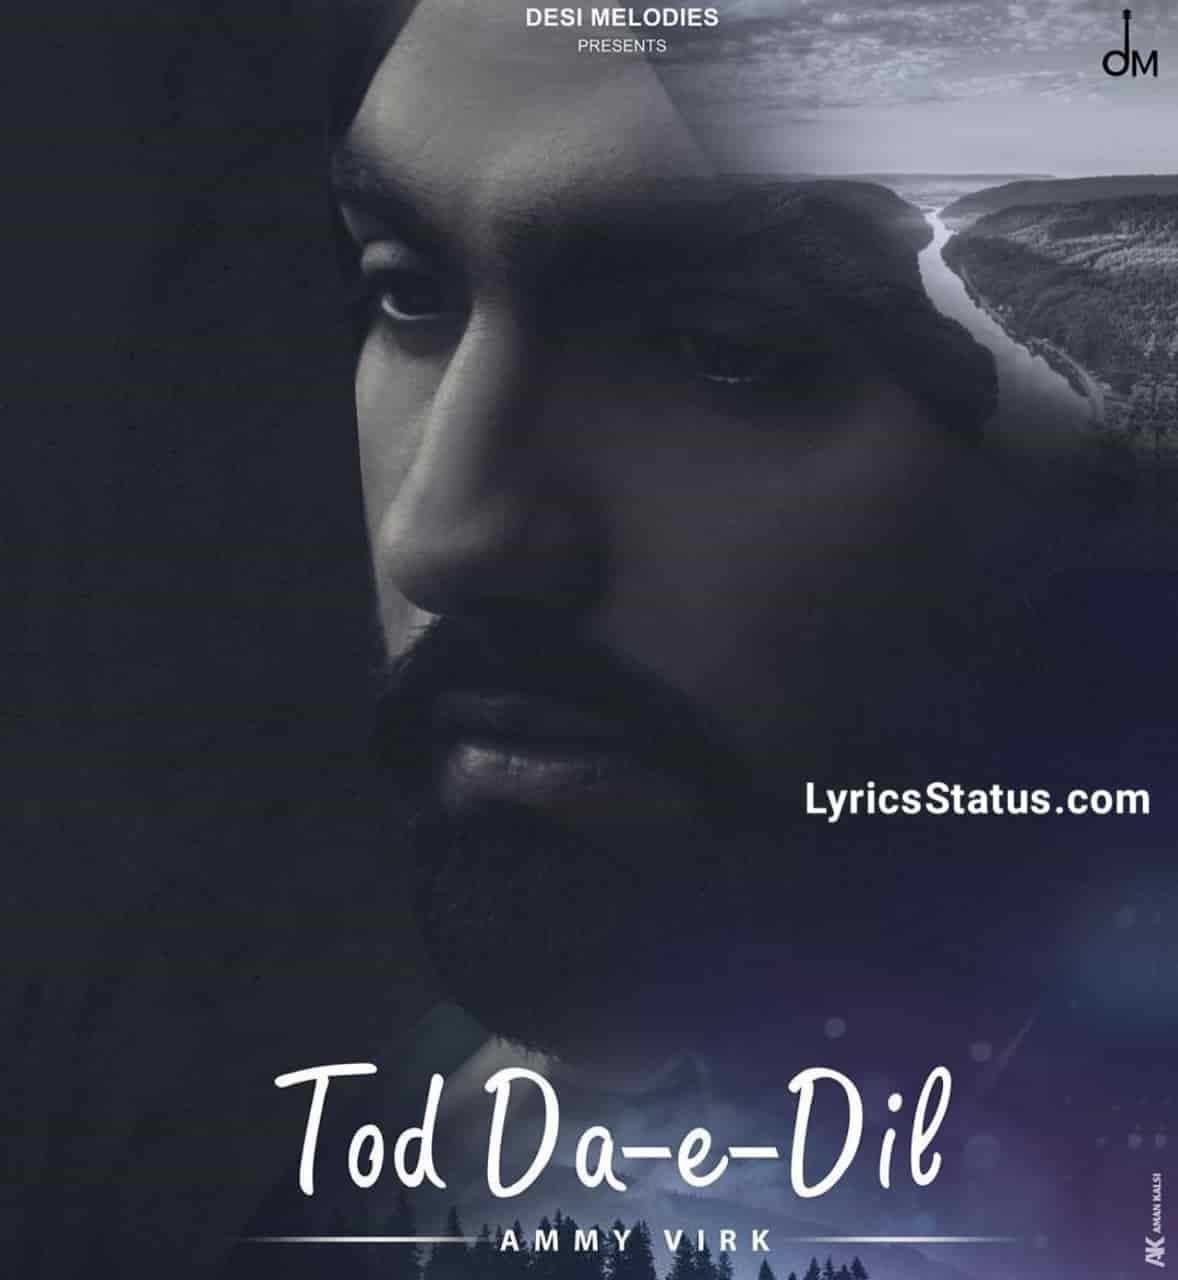 Ammy Virk Tod Da E Dil Maninder Buttar Lyrics Status Download Jehda dil ton nibhaave Ohnu puchhe koi na Jehda tod da e dil Ohi yaad hunda ae